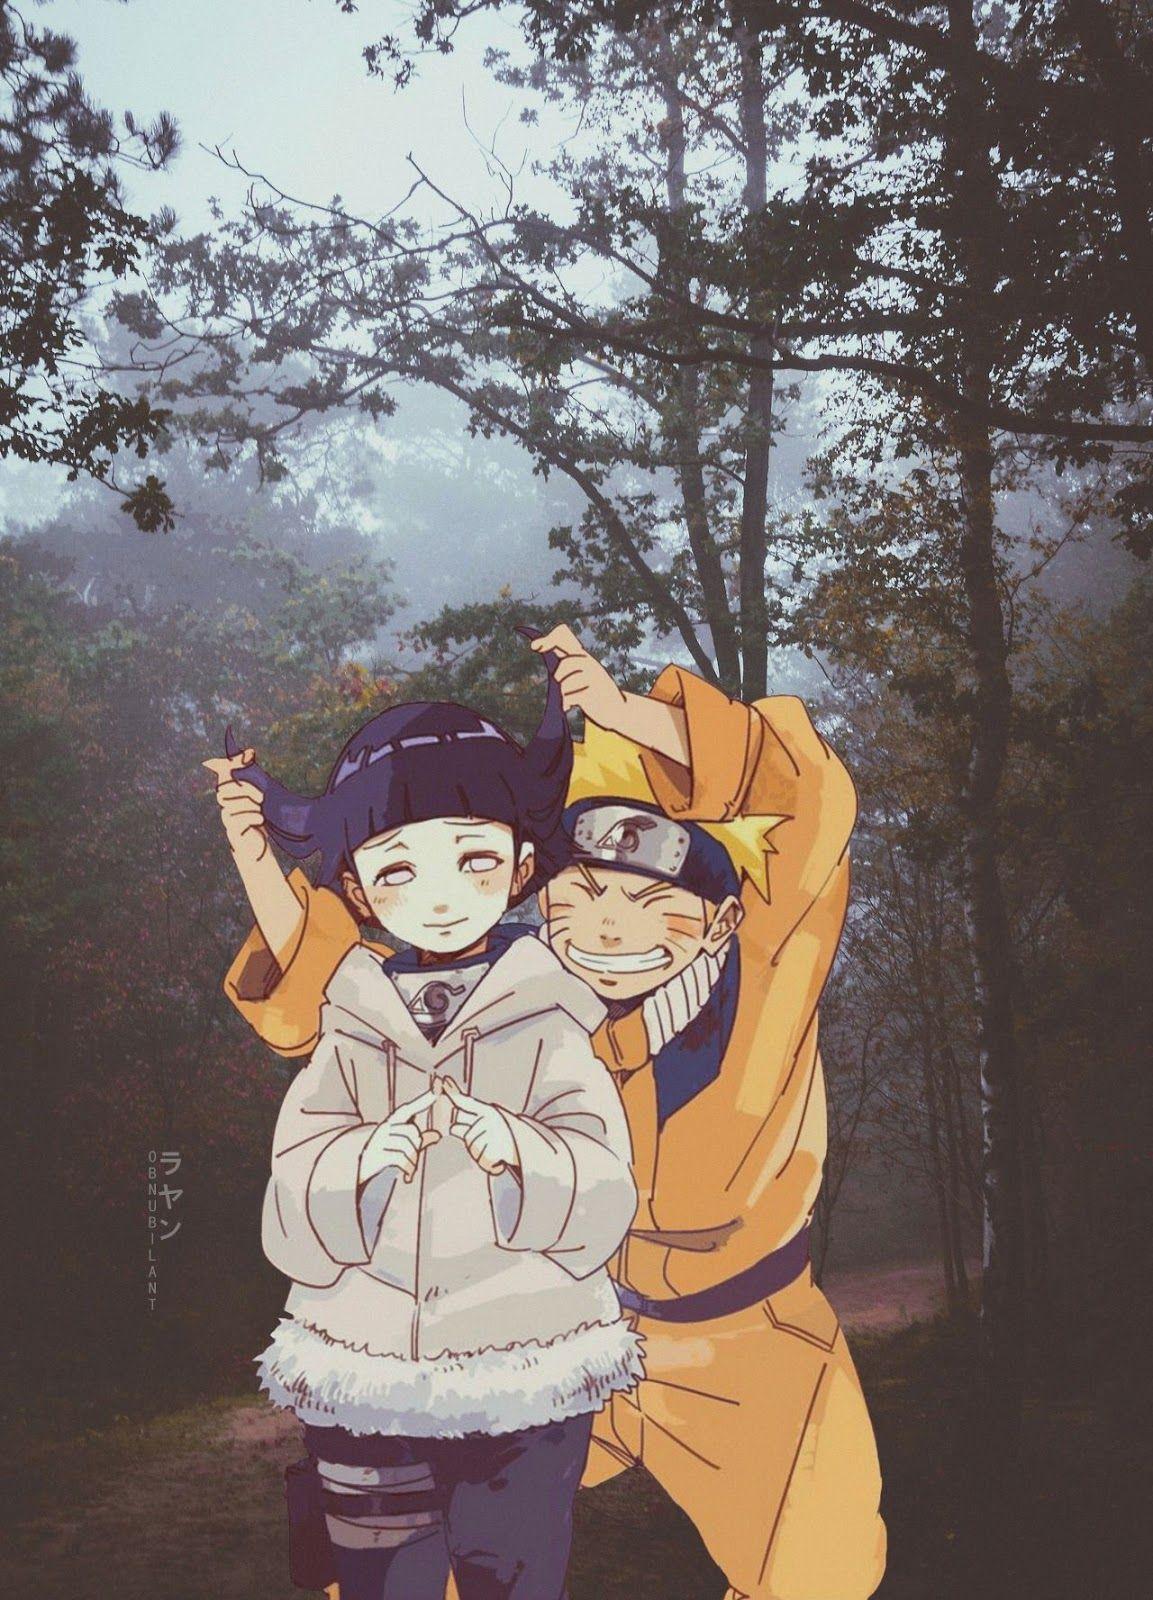 Naruto Anime Walpaper Kakashi Jiraiya Sasuke Naruto Shippuden Anime Naruto Wallpaper Anime